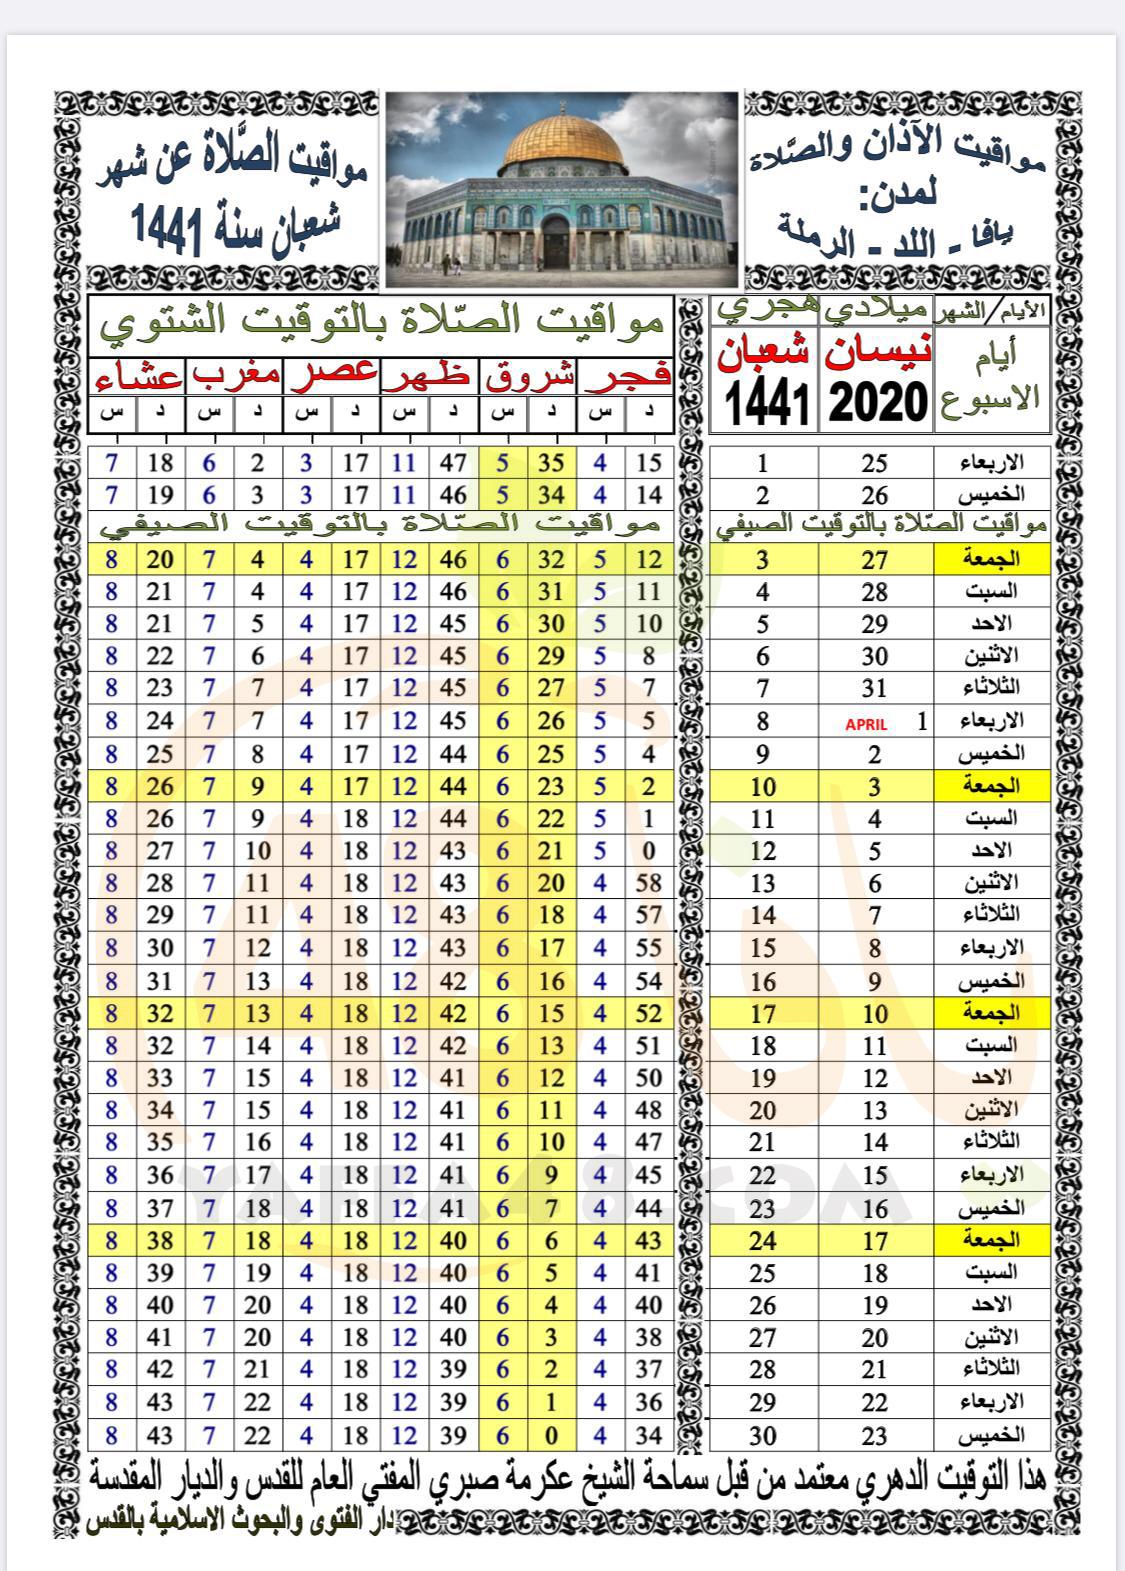 أوقات الصلاة حسب التوقيت الدهري لشهر شعبان 1441